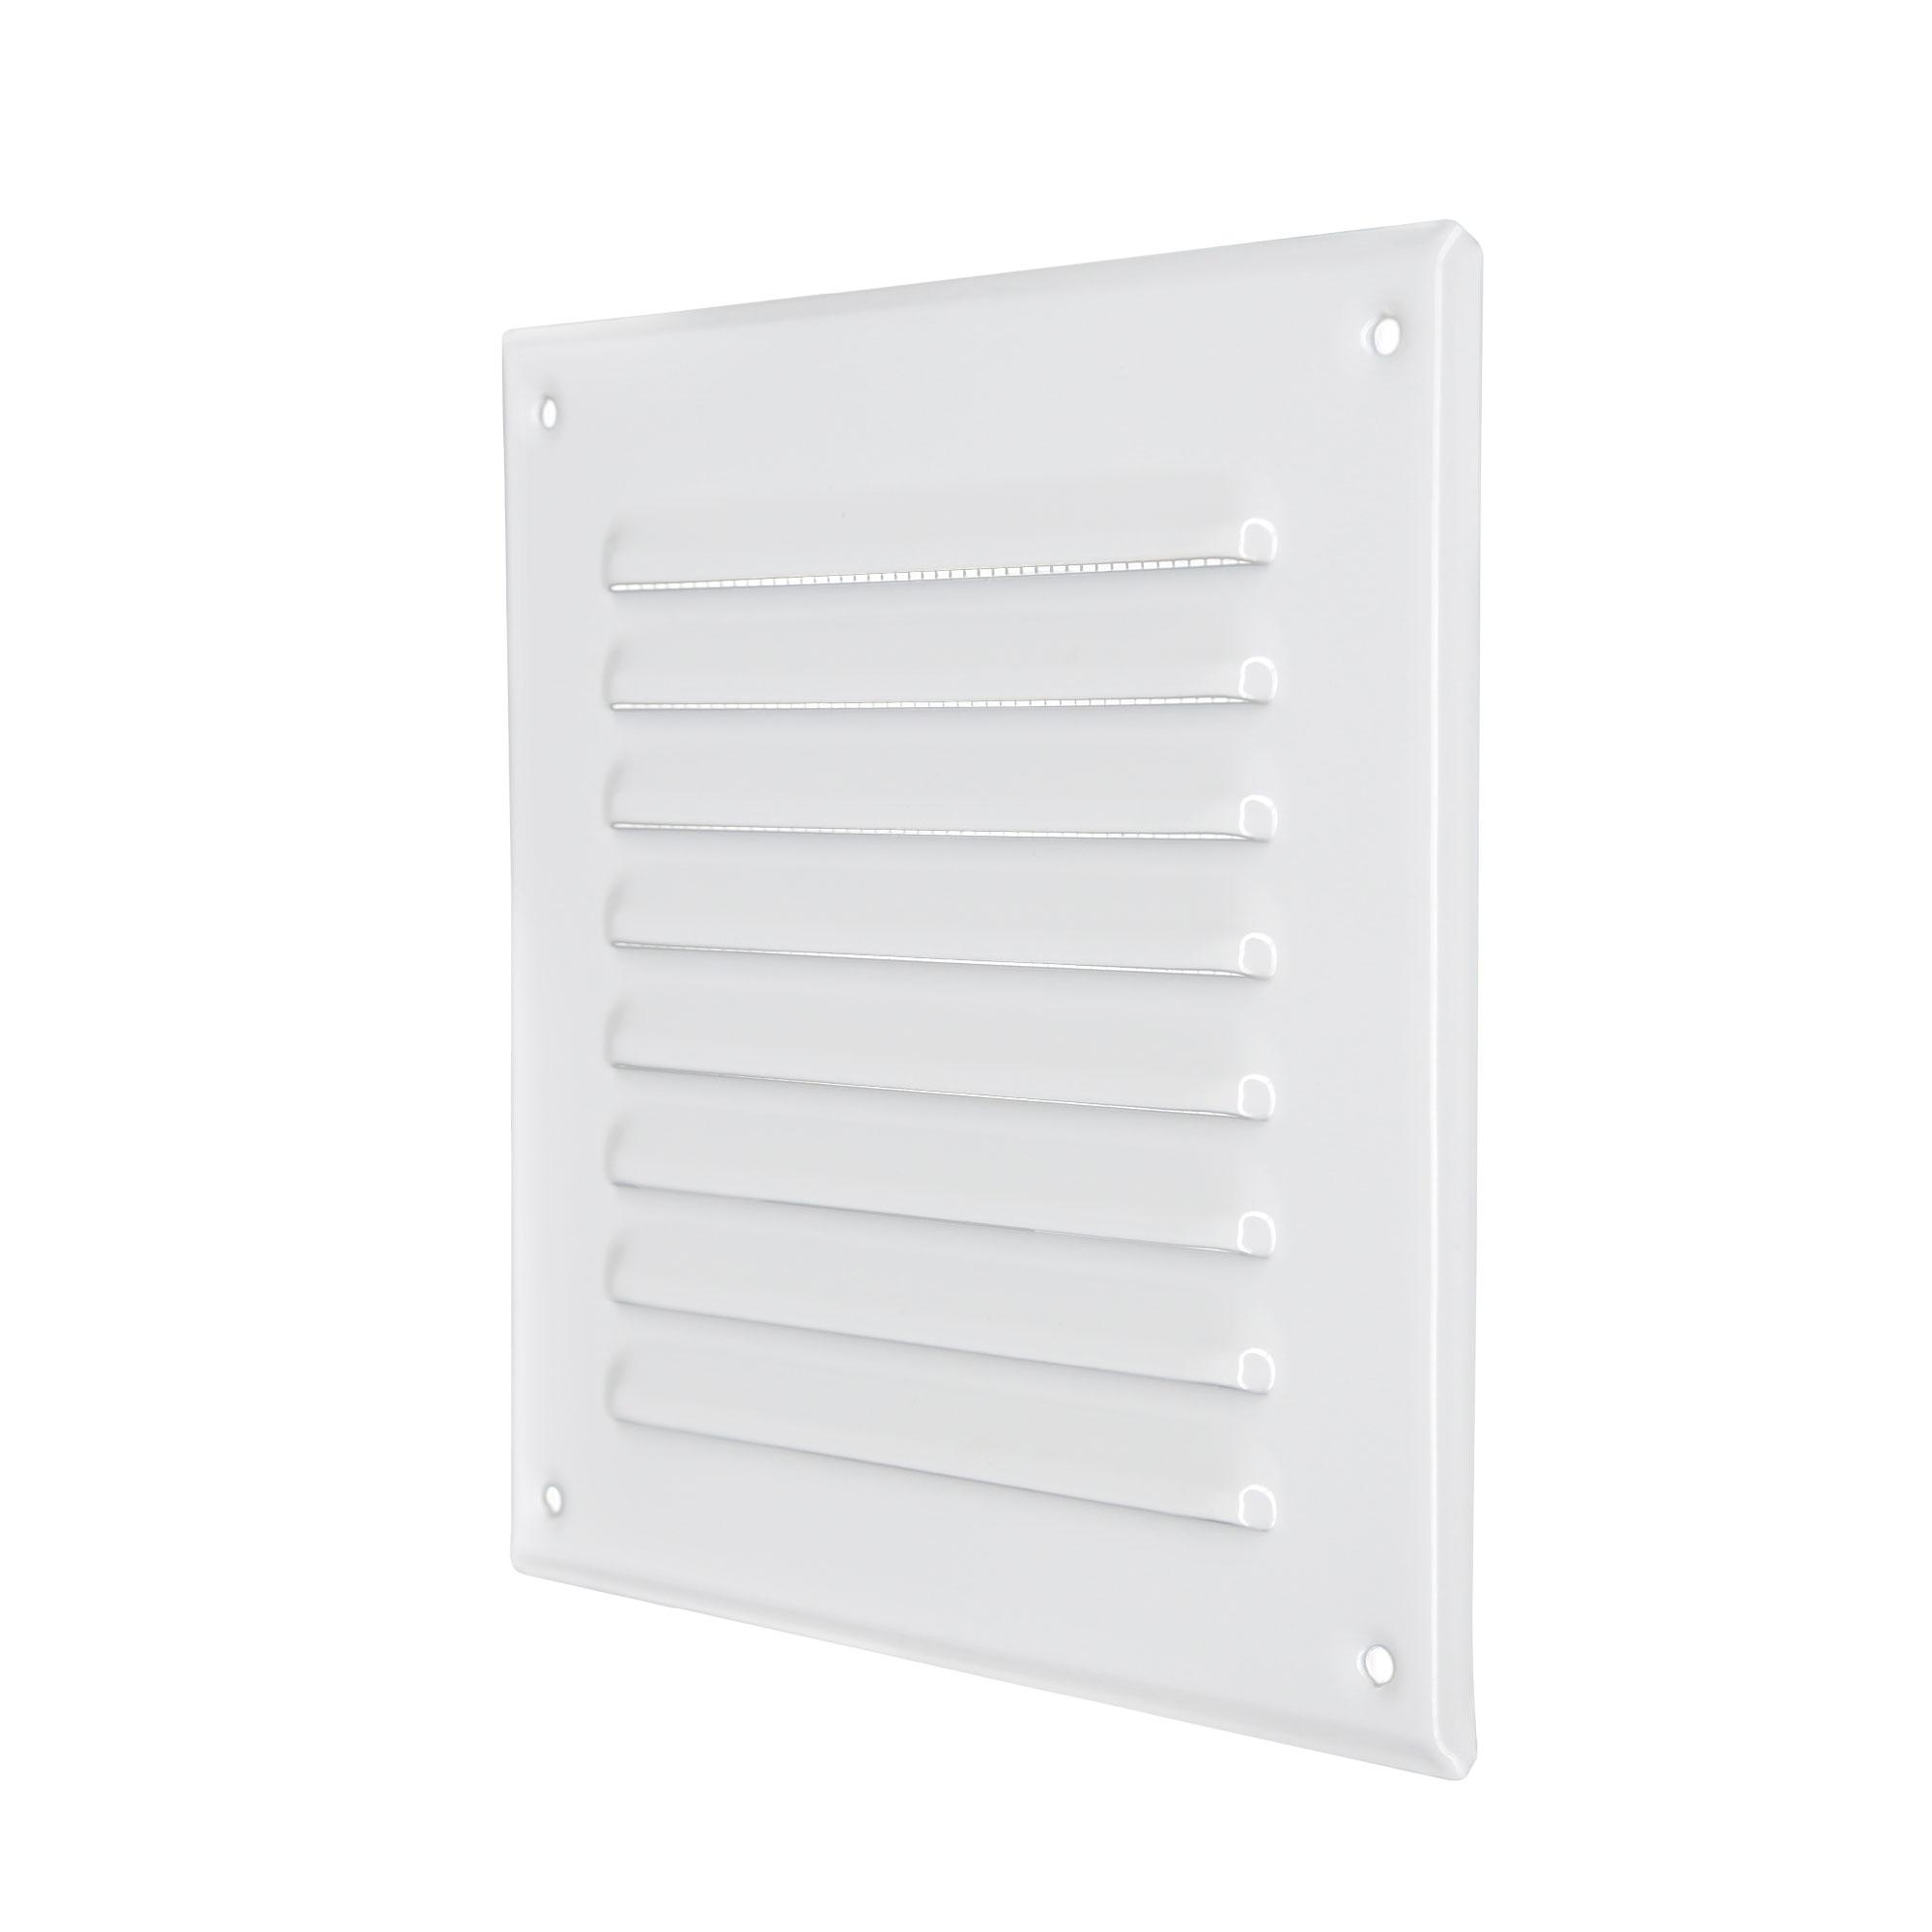 /Ø 100//125 mm Blanc AWENTA Grille de ventilation en plastique ABS Rond